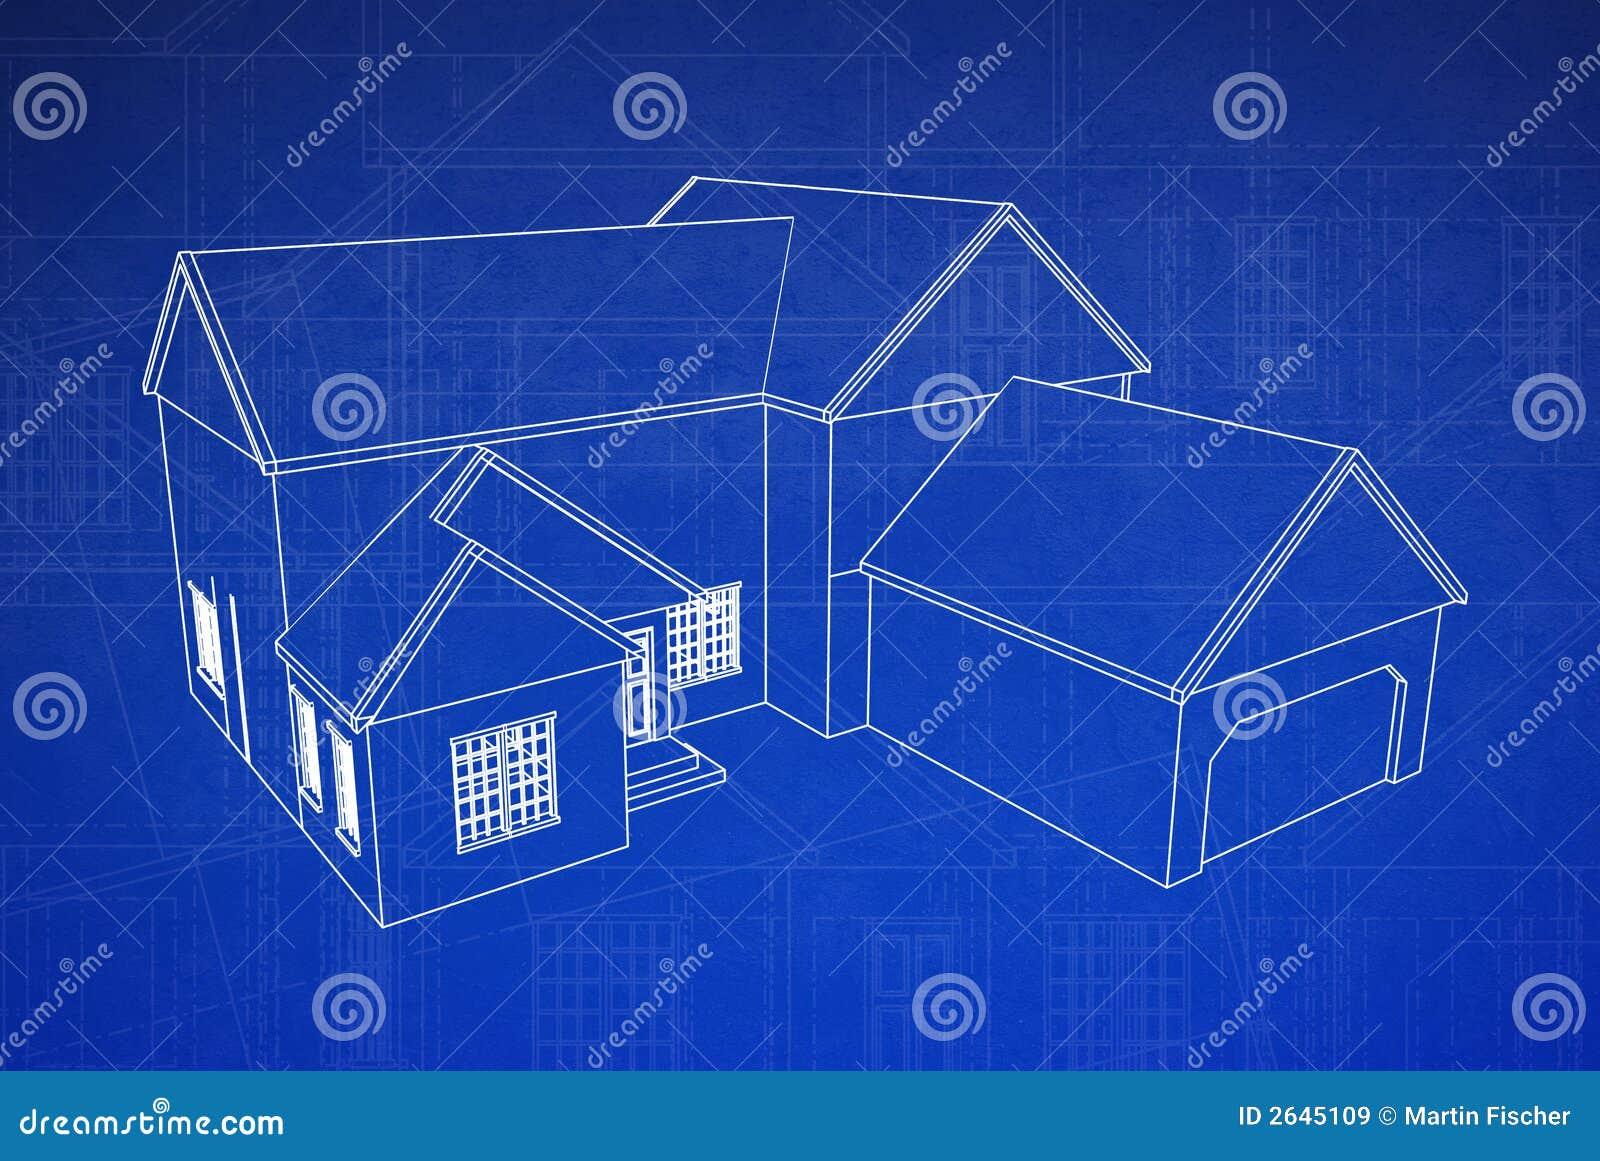 3d Blauwdruk Van Het Huis Stock Illustratie Afbeelding